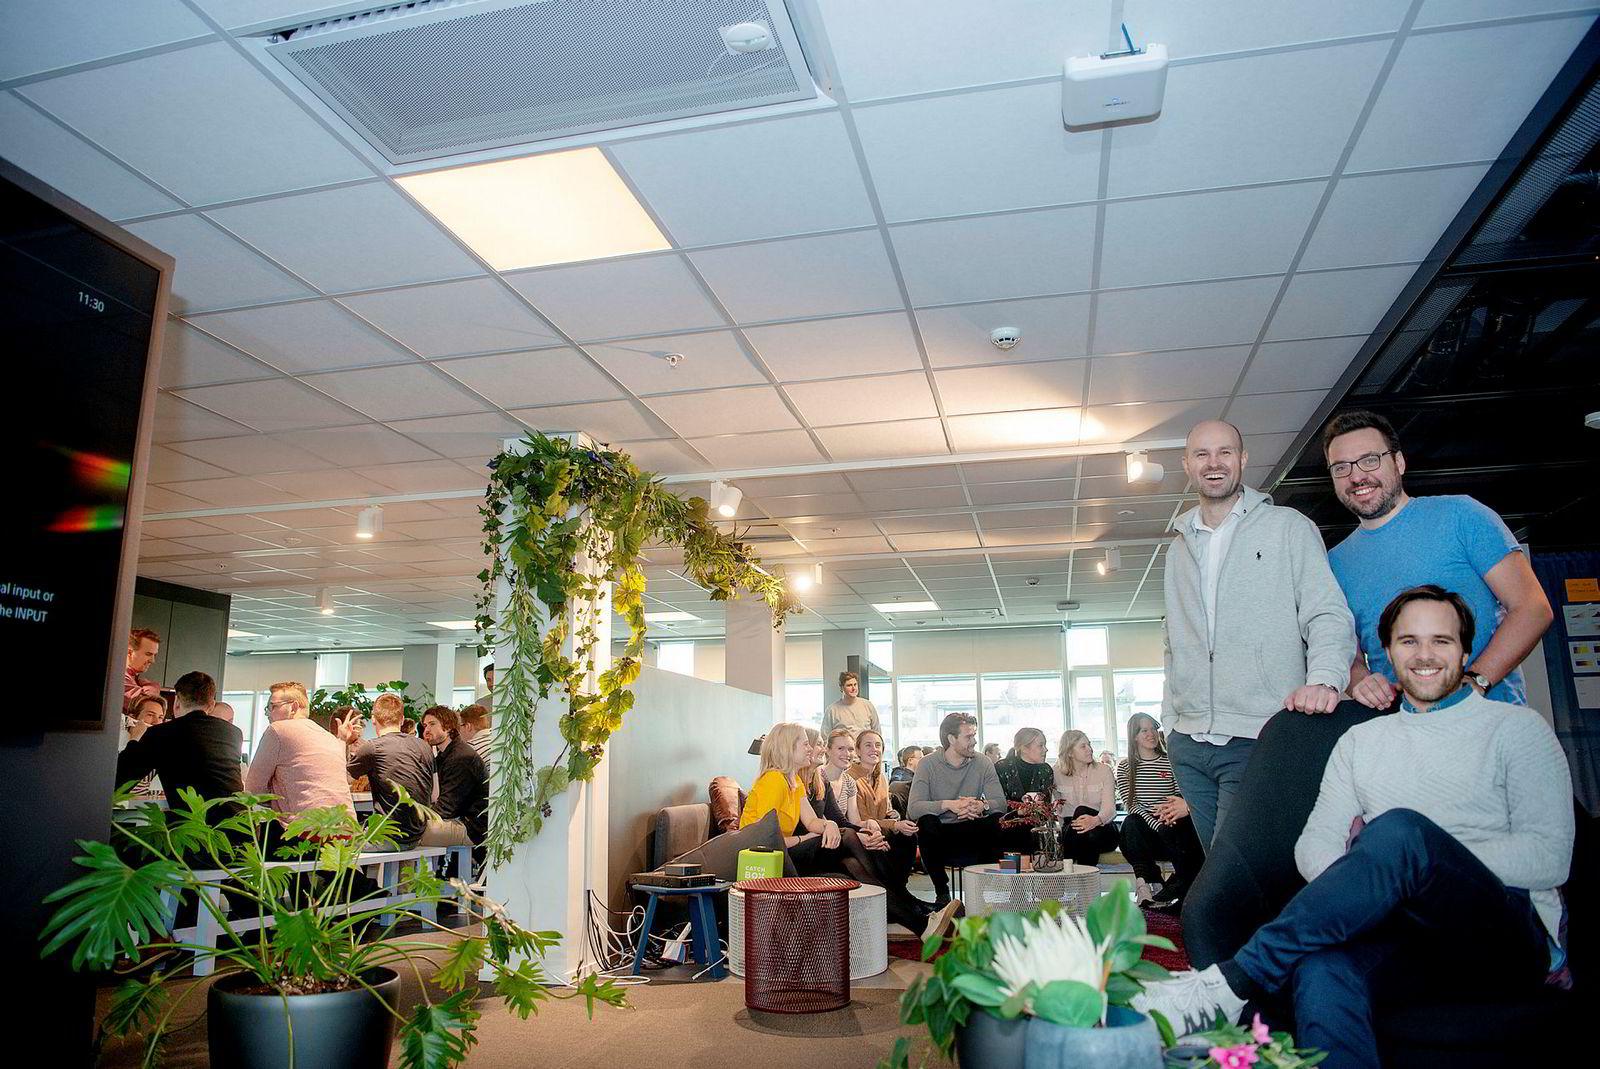 Ved inngangen av 2017 besto Spacemaker av gründerne Anders Kvåle (til venstre), Carl Christensen og (sittende) Håvard Haukeland. Nå er de henholdsvis styreformann, teknologidirektør og administrerende direktør for et selskap med over 80 ansatte.